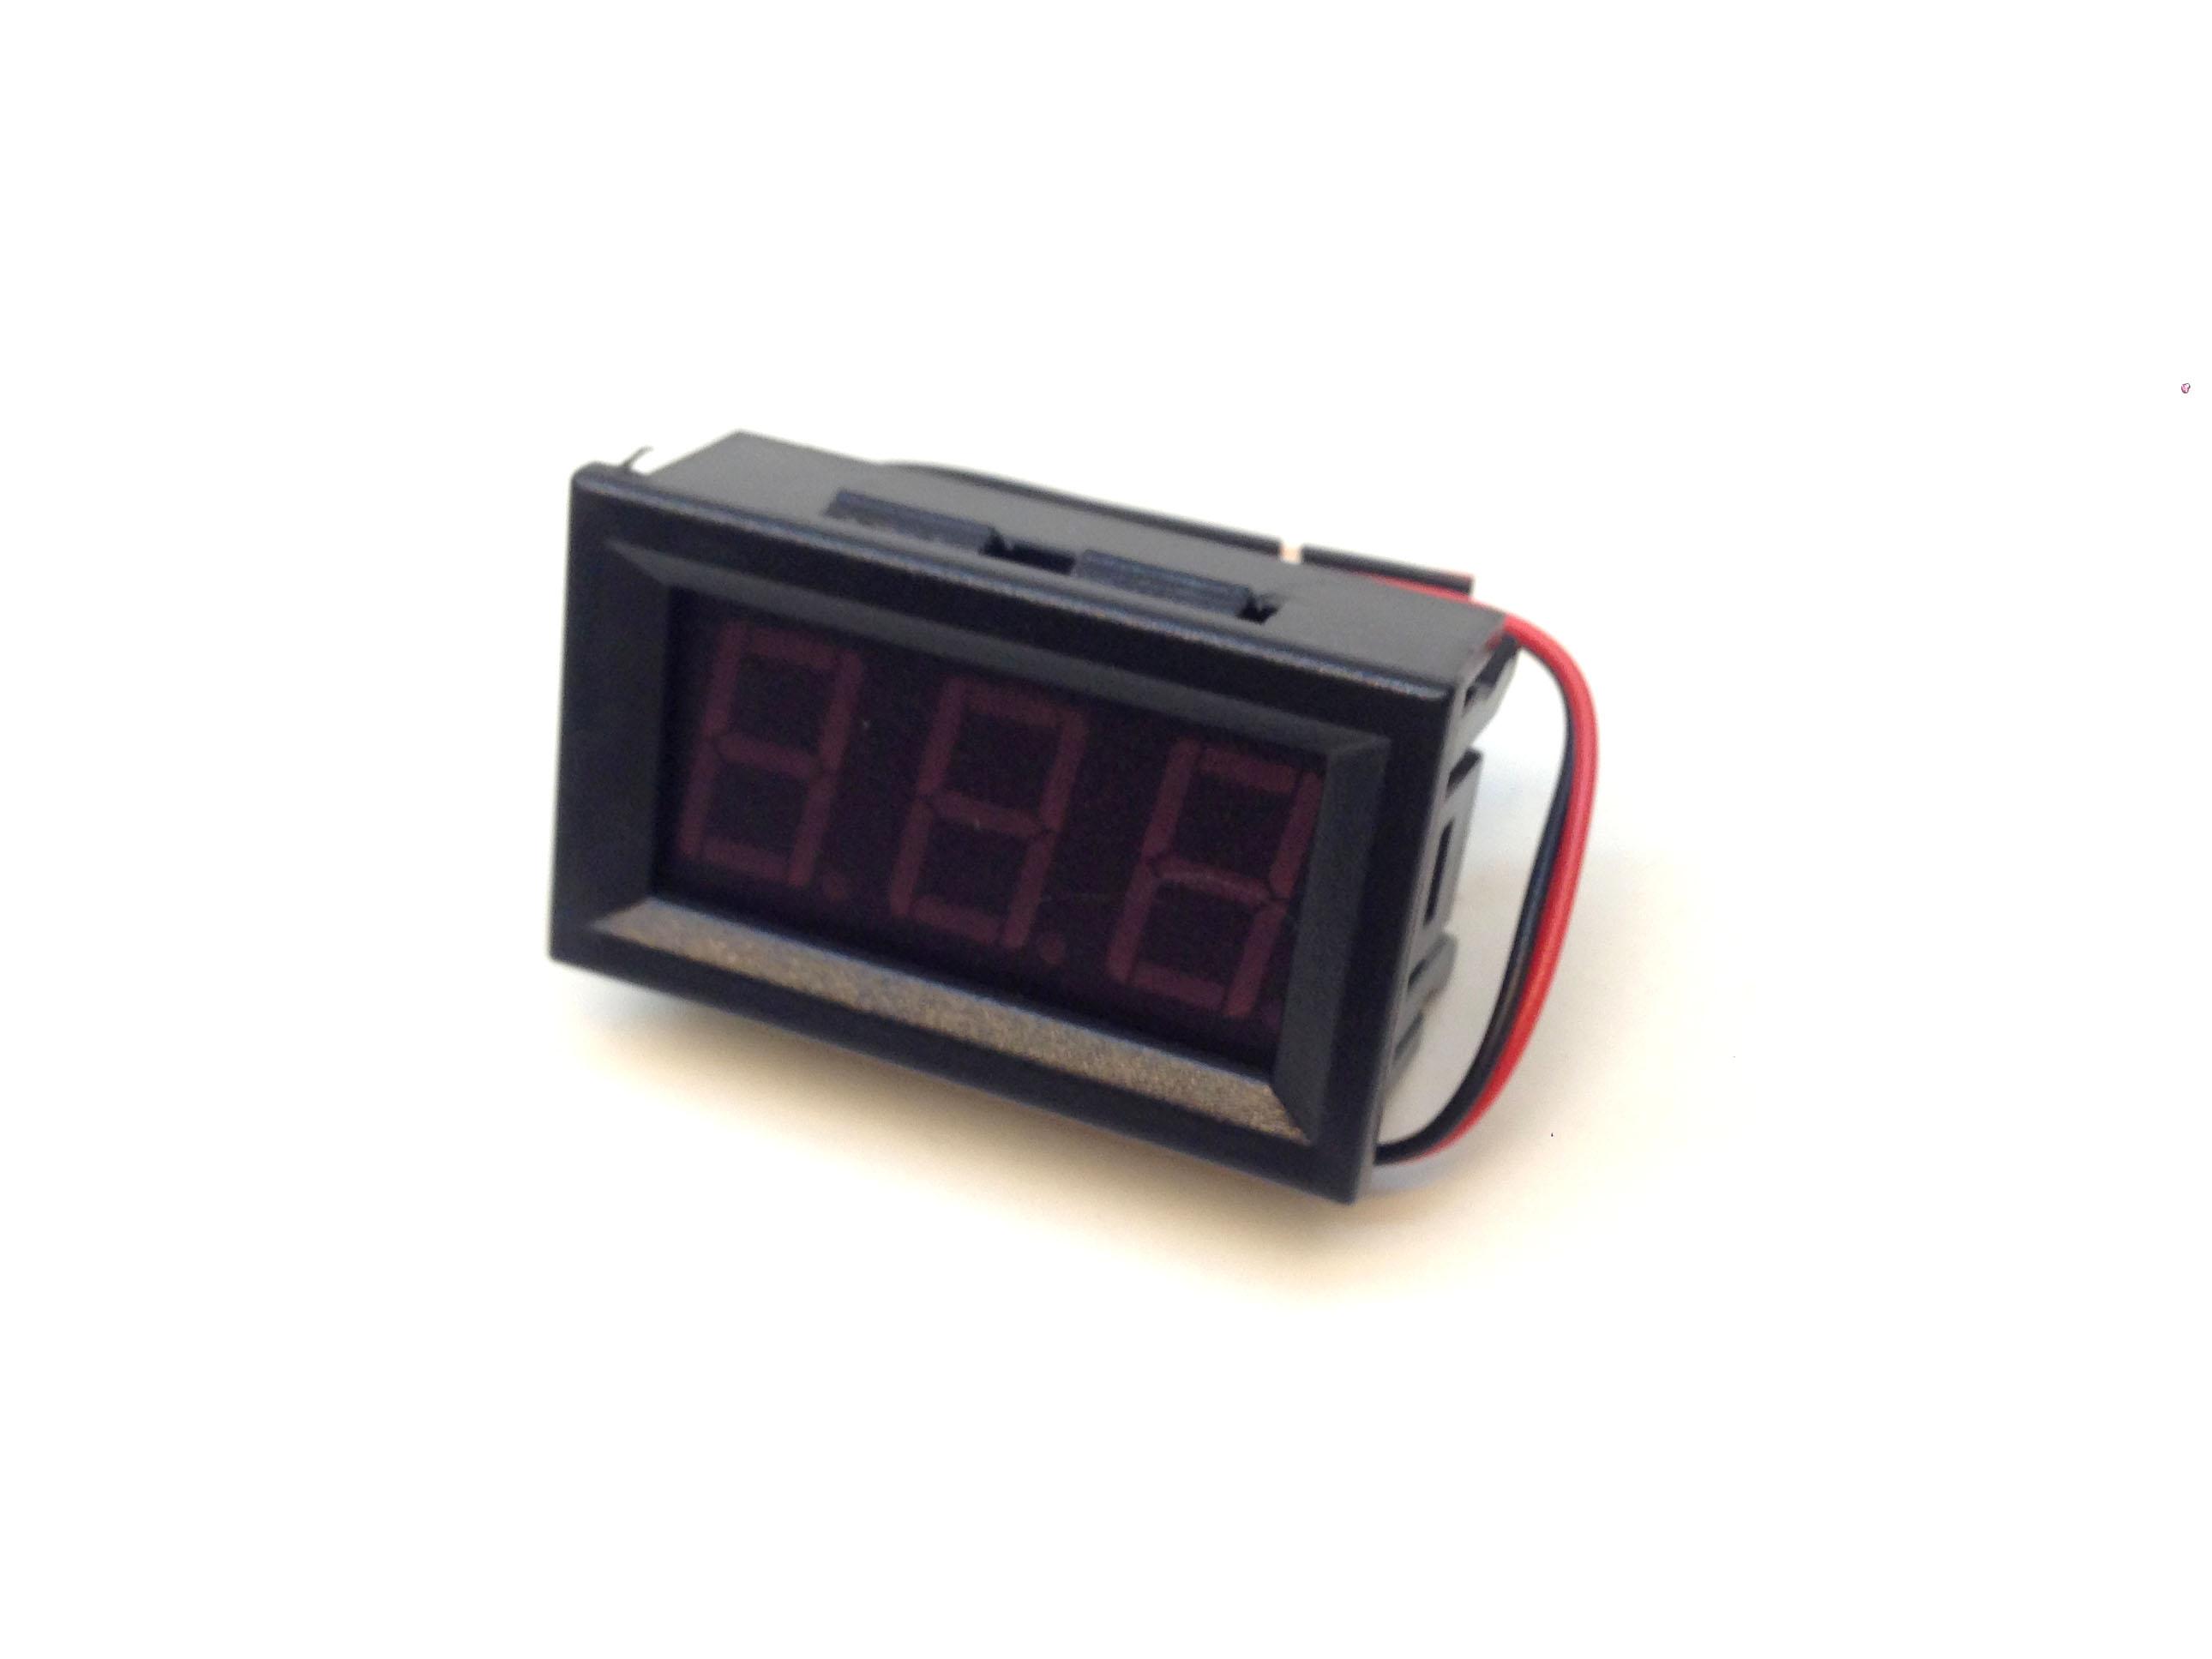 Led đo điện áp AC 70-500V 0,56 inch